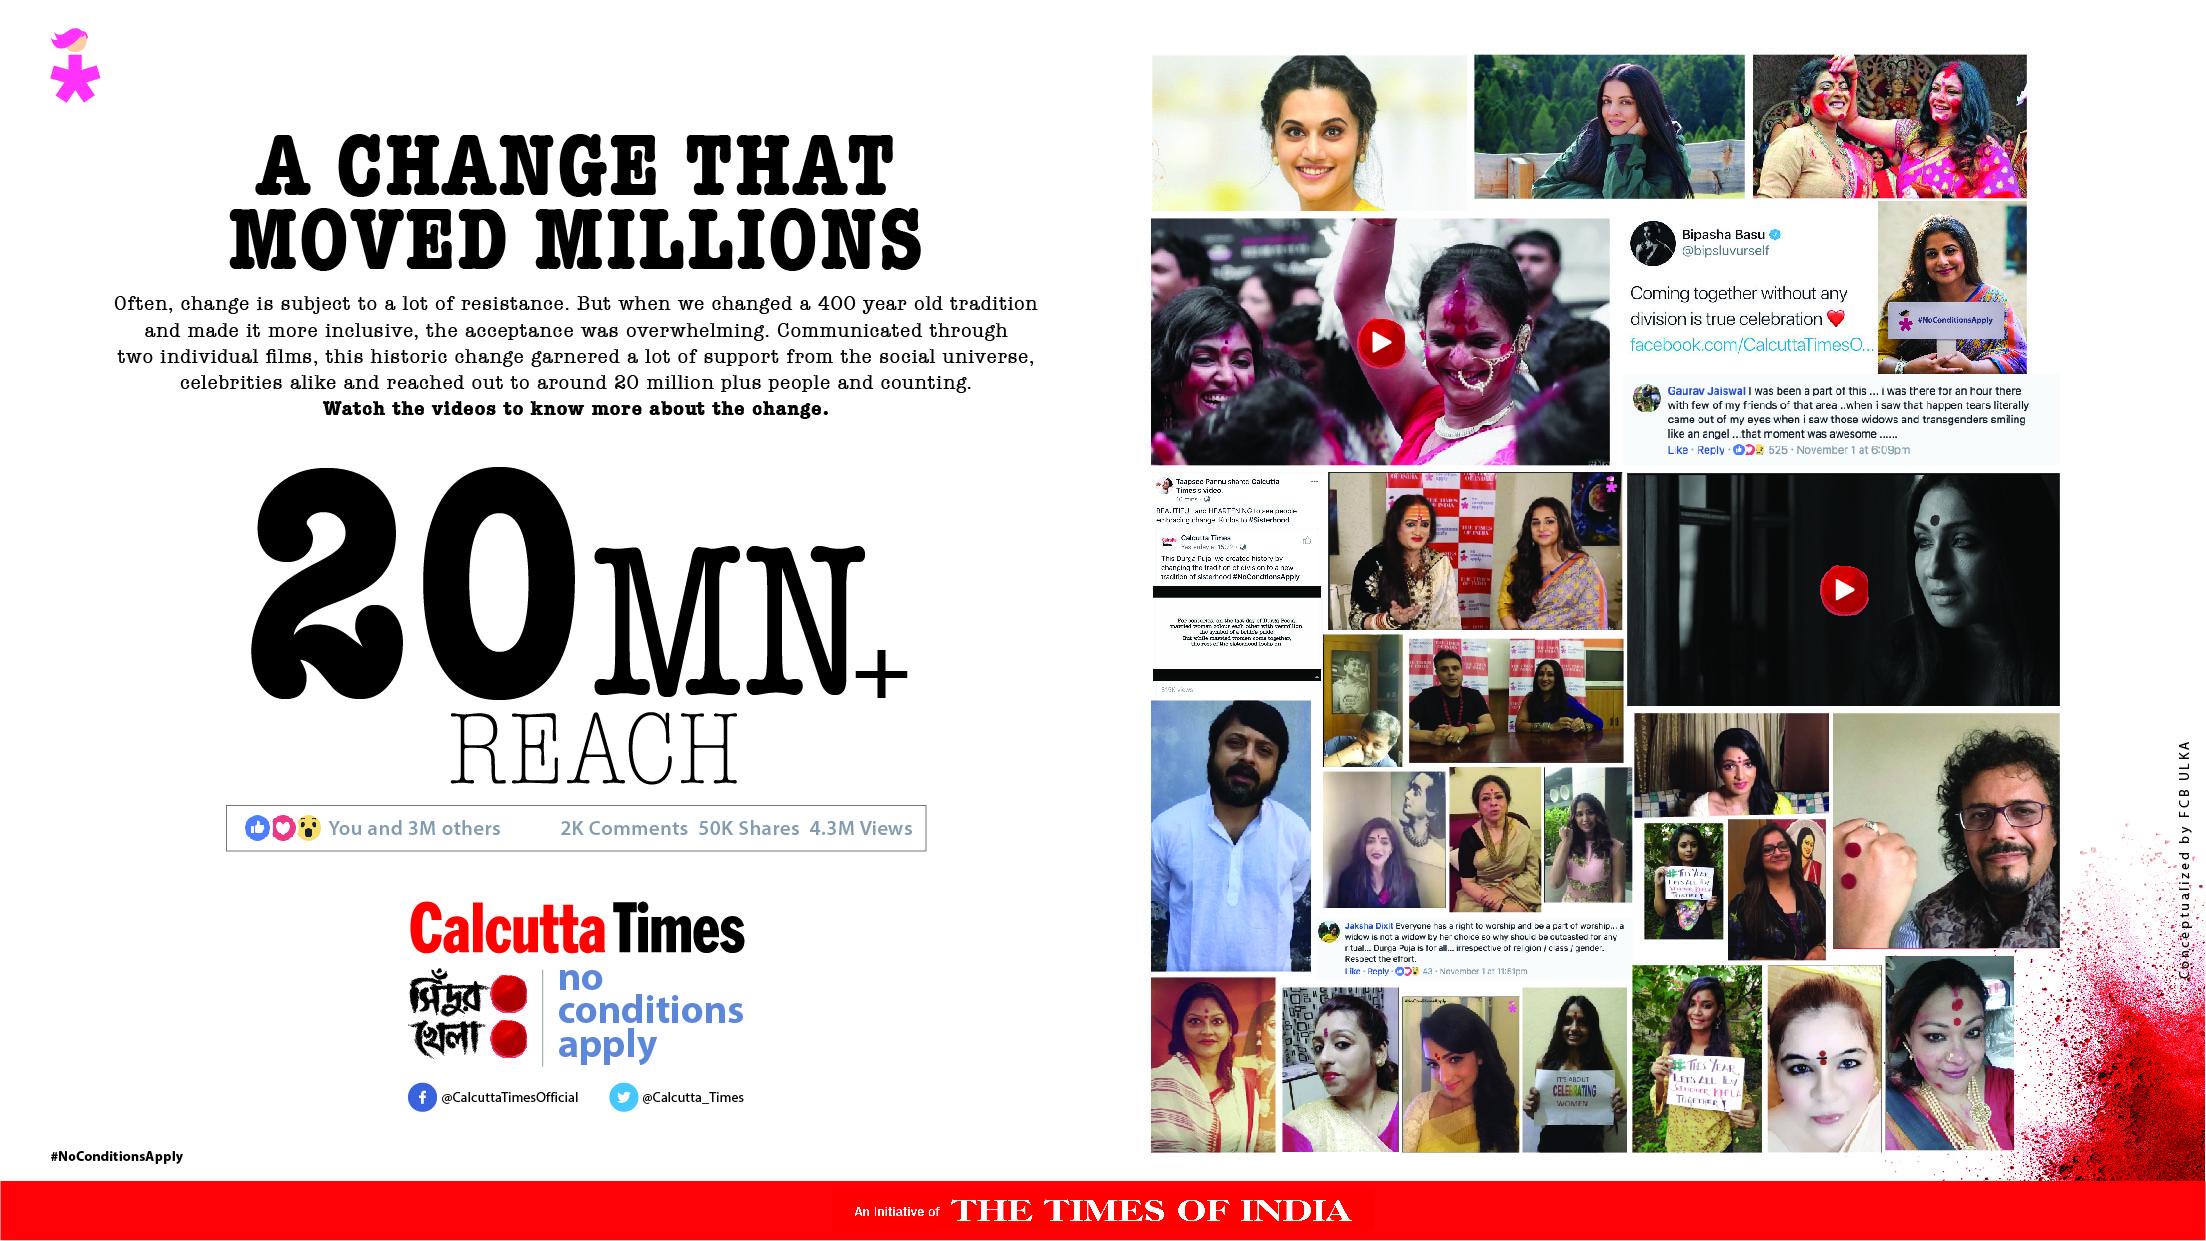 #NoConditionsApply - Shindoor khela - TOI